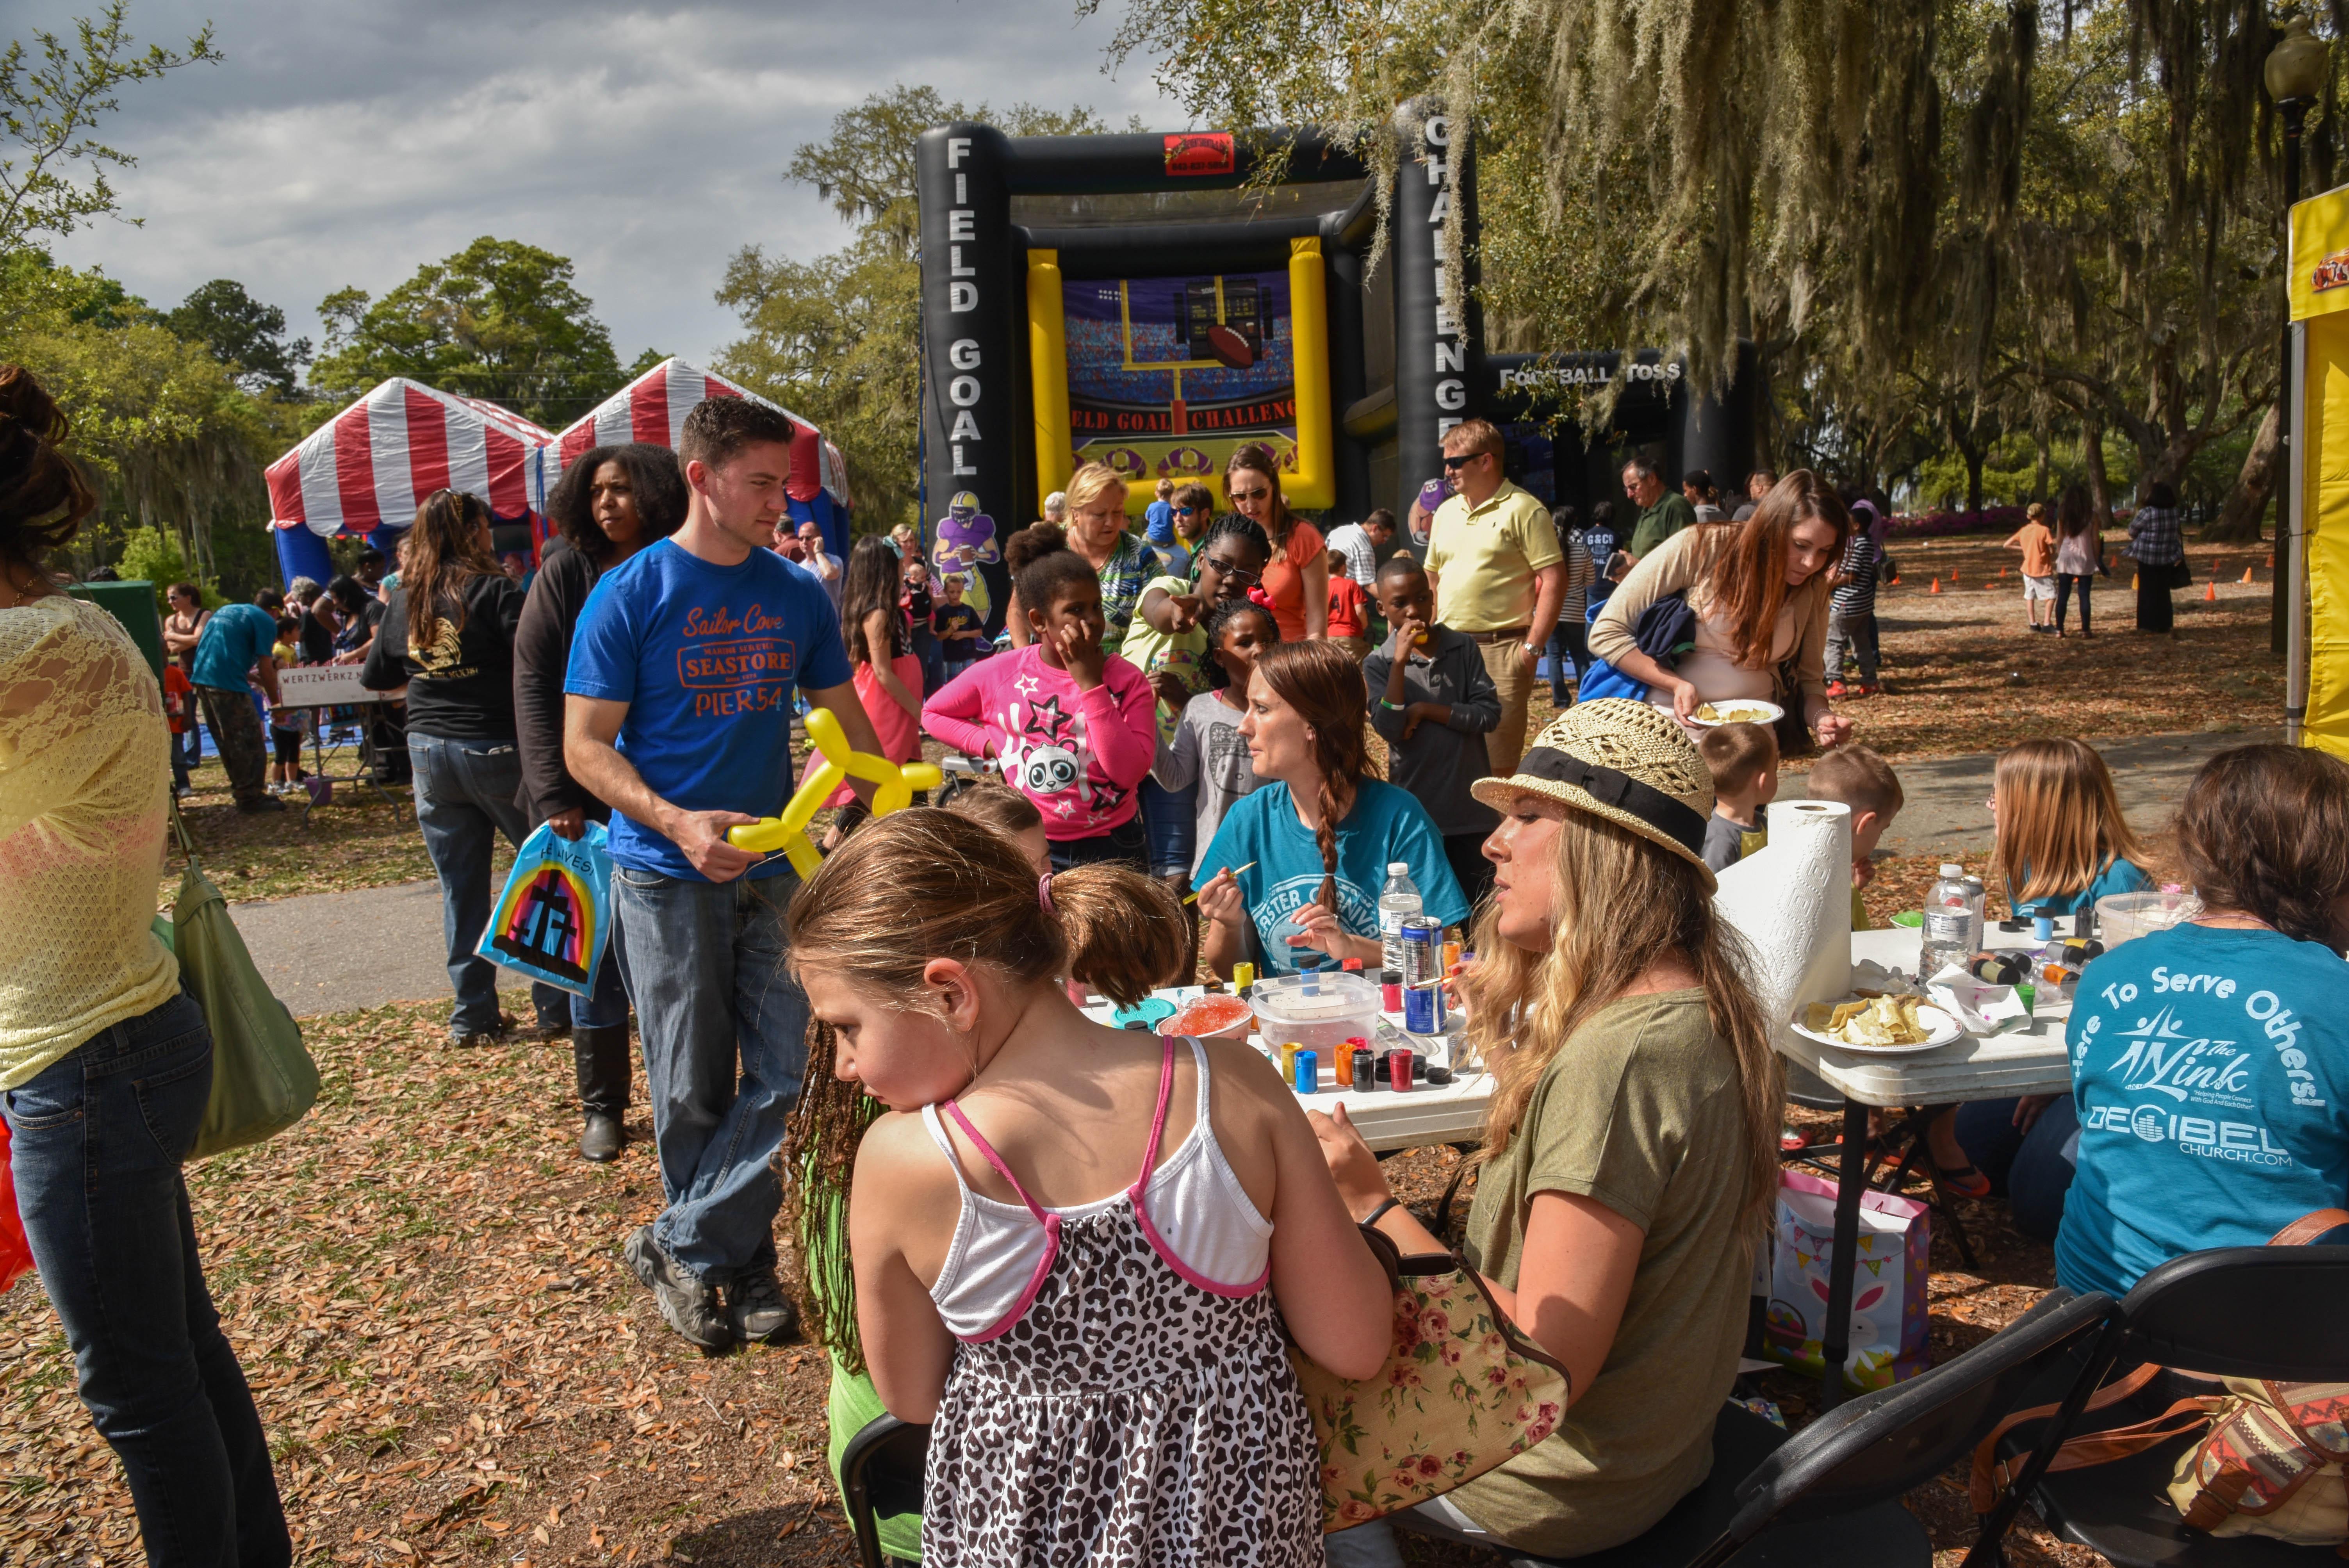 Carnival brings Easter fun to Port Royal u2022 Beaufort SC Best Local u0026 Visitors Guide